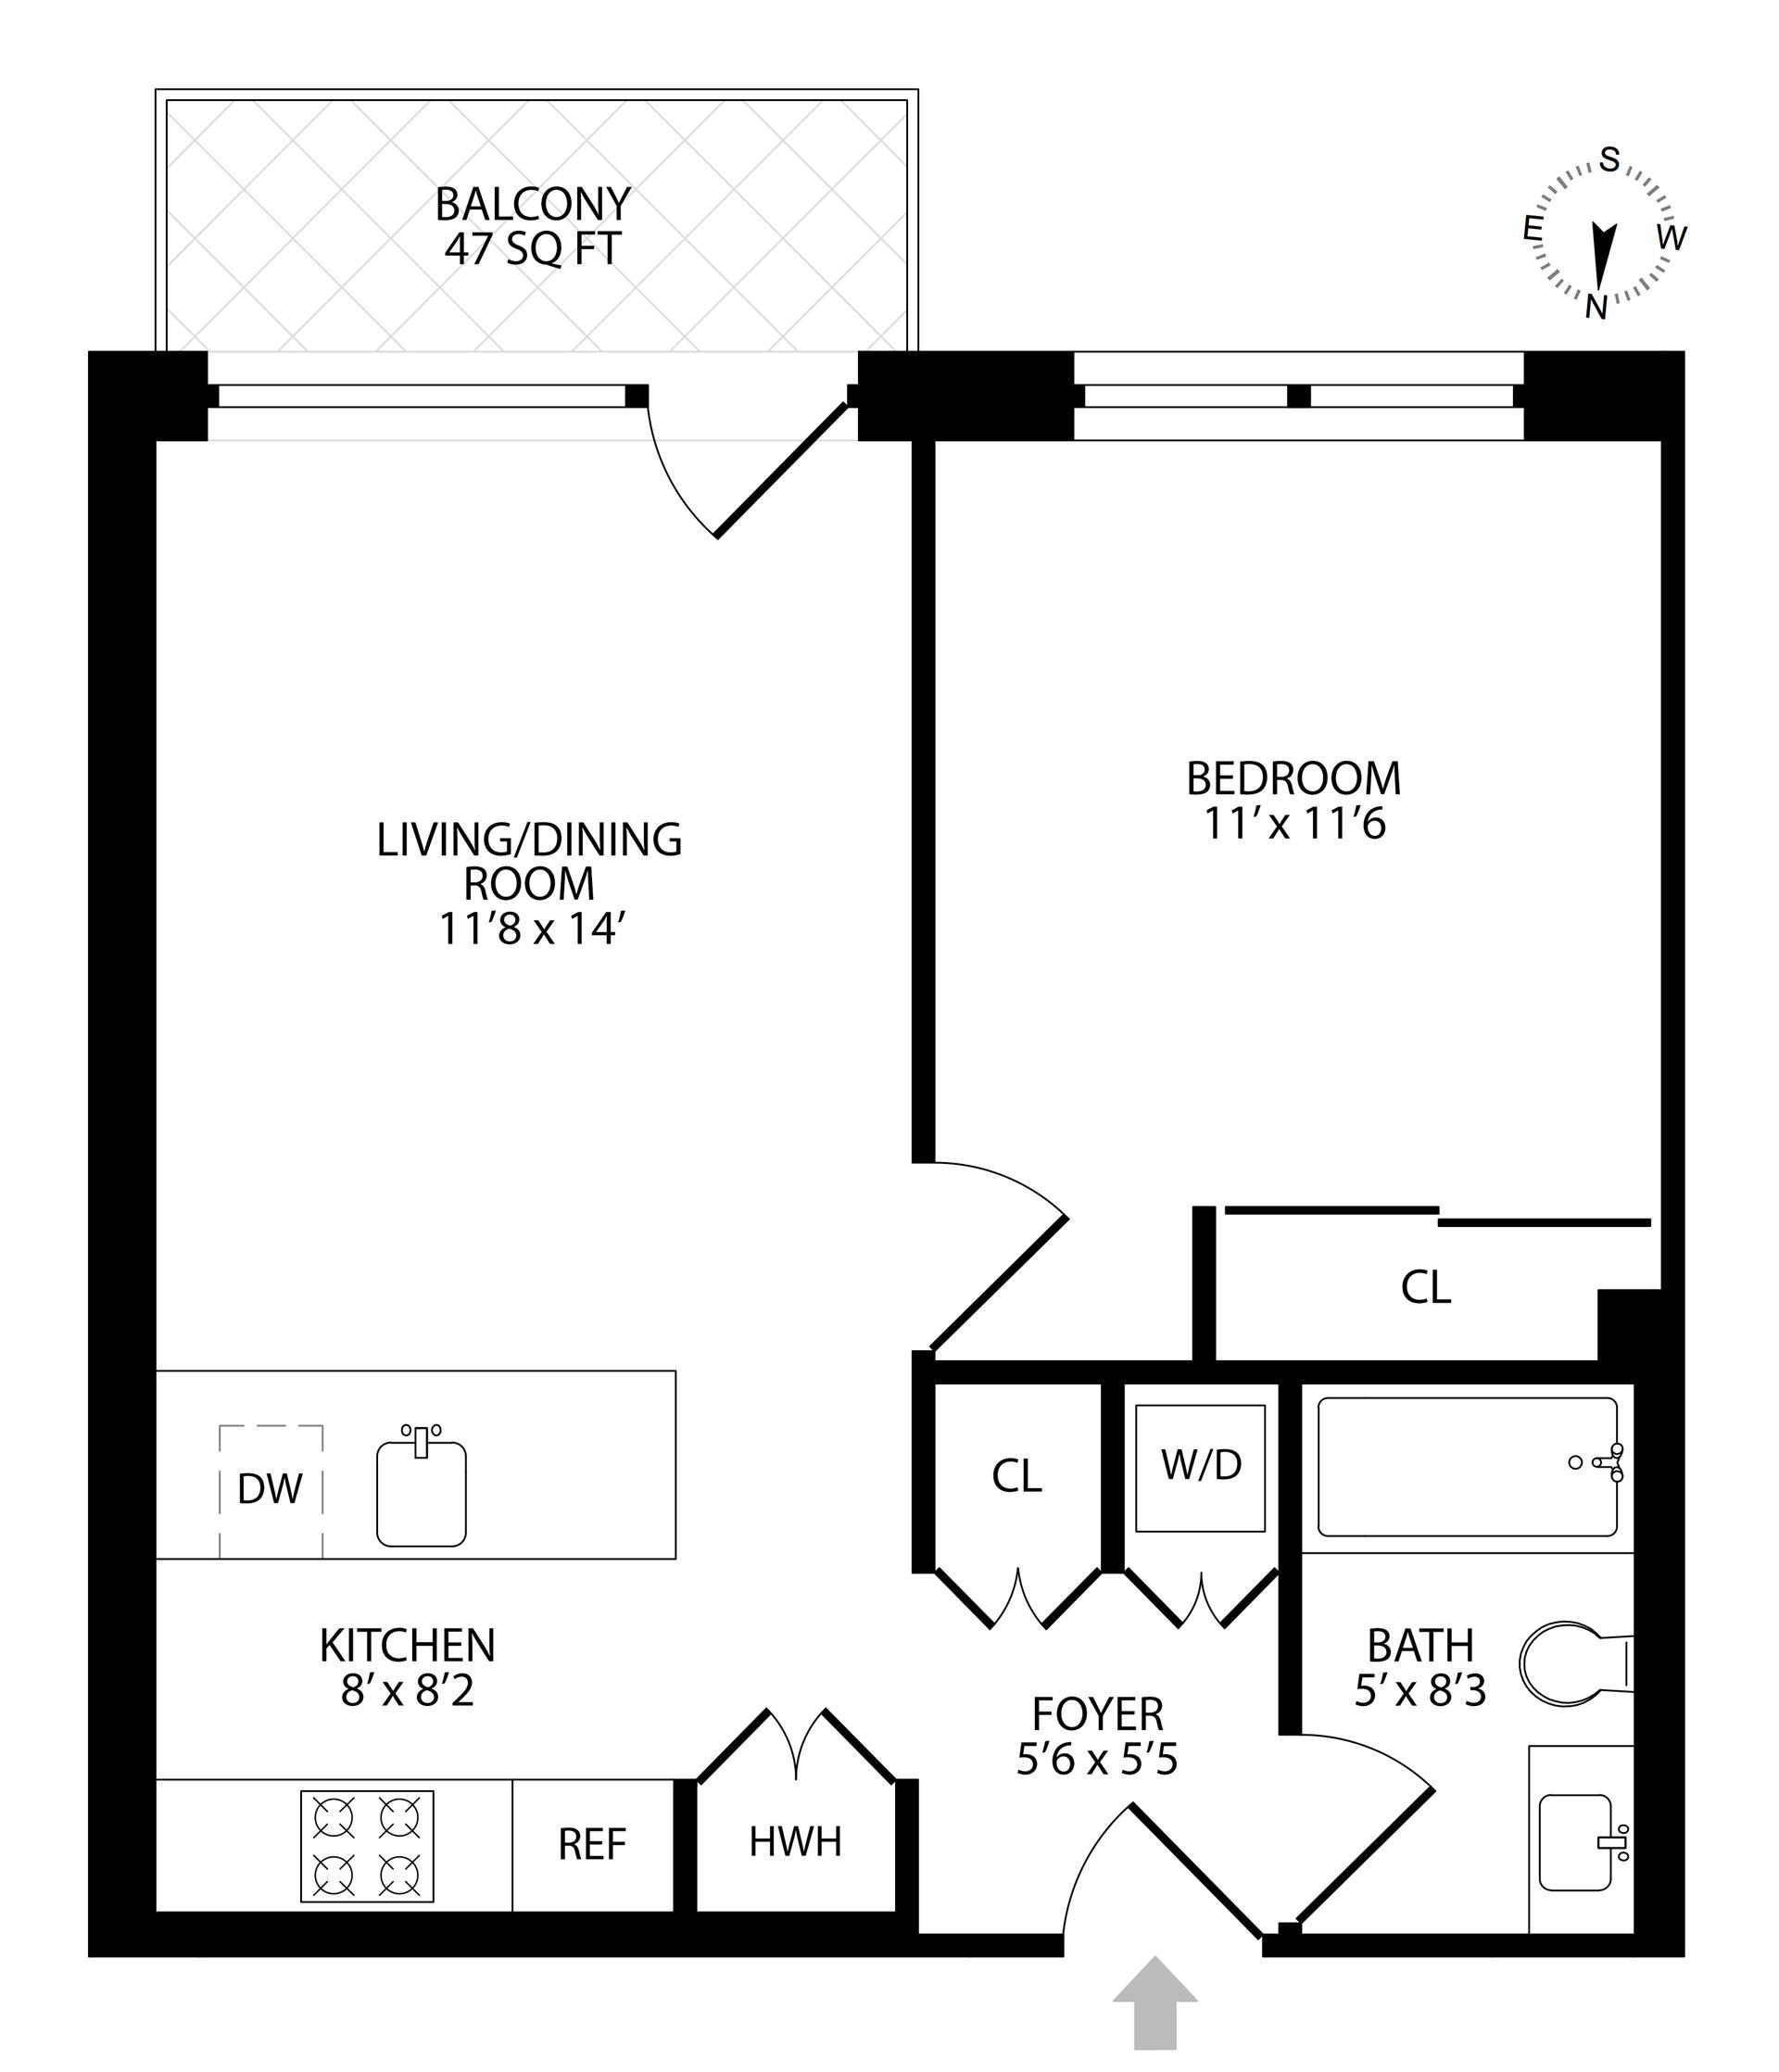 Floor plan of 204 Monroe St, 3B - Bedford - Stuyvesant, New York